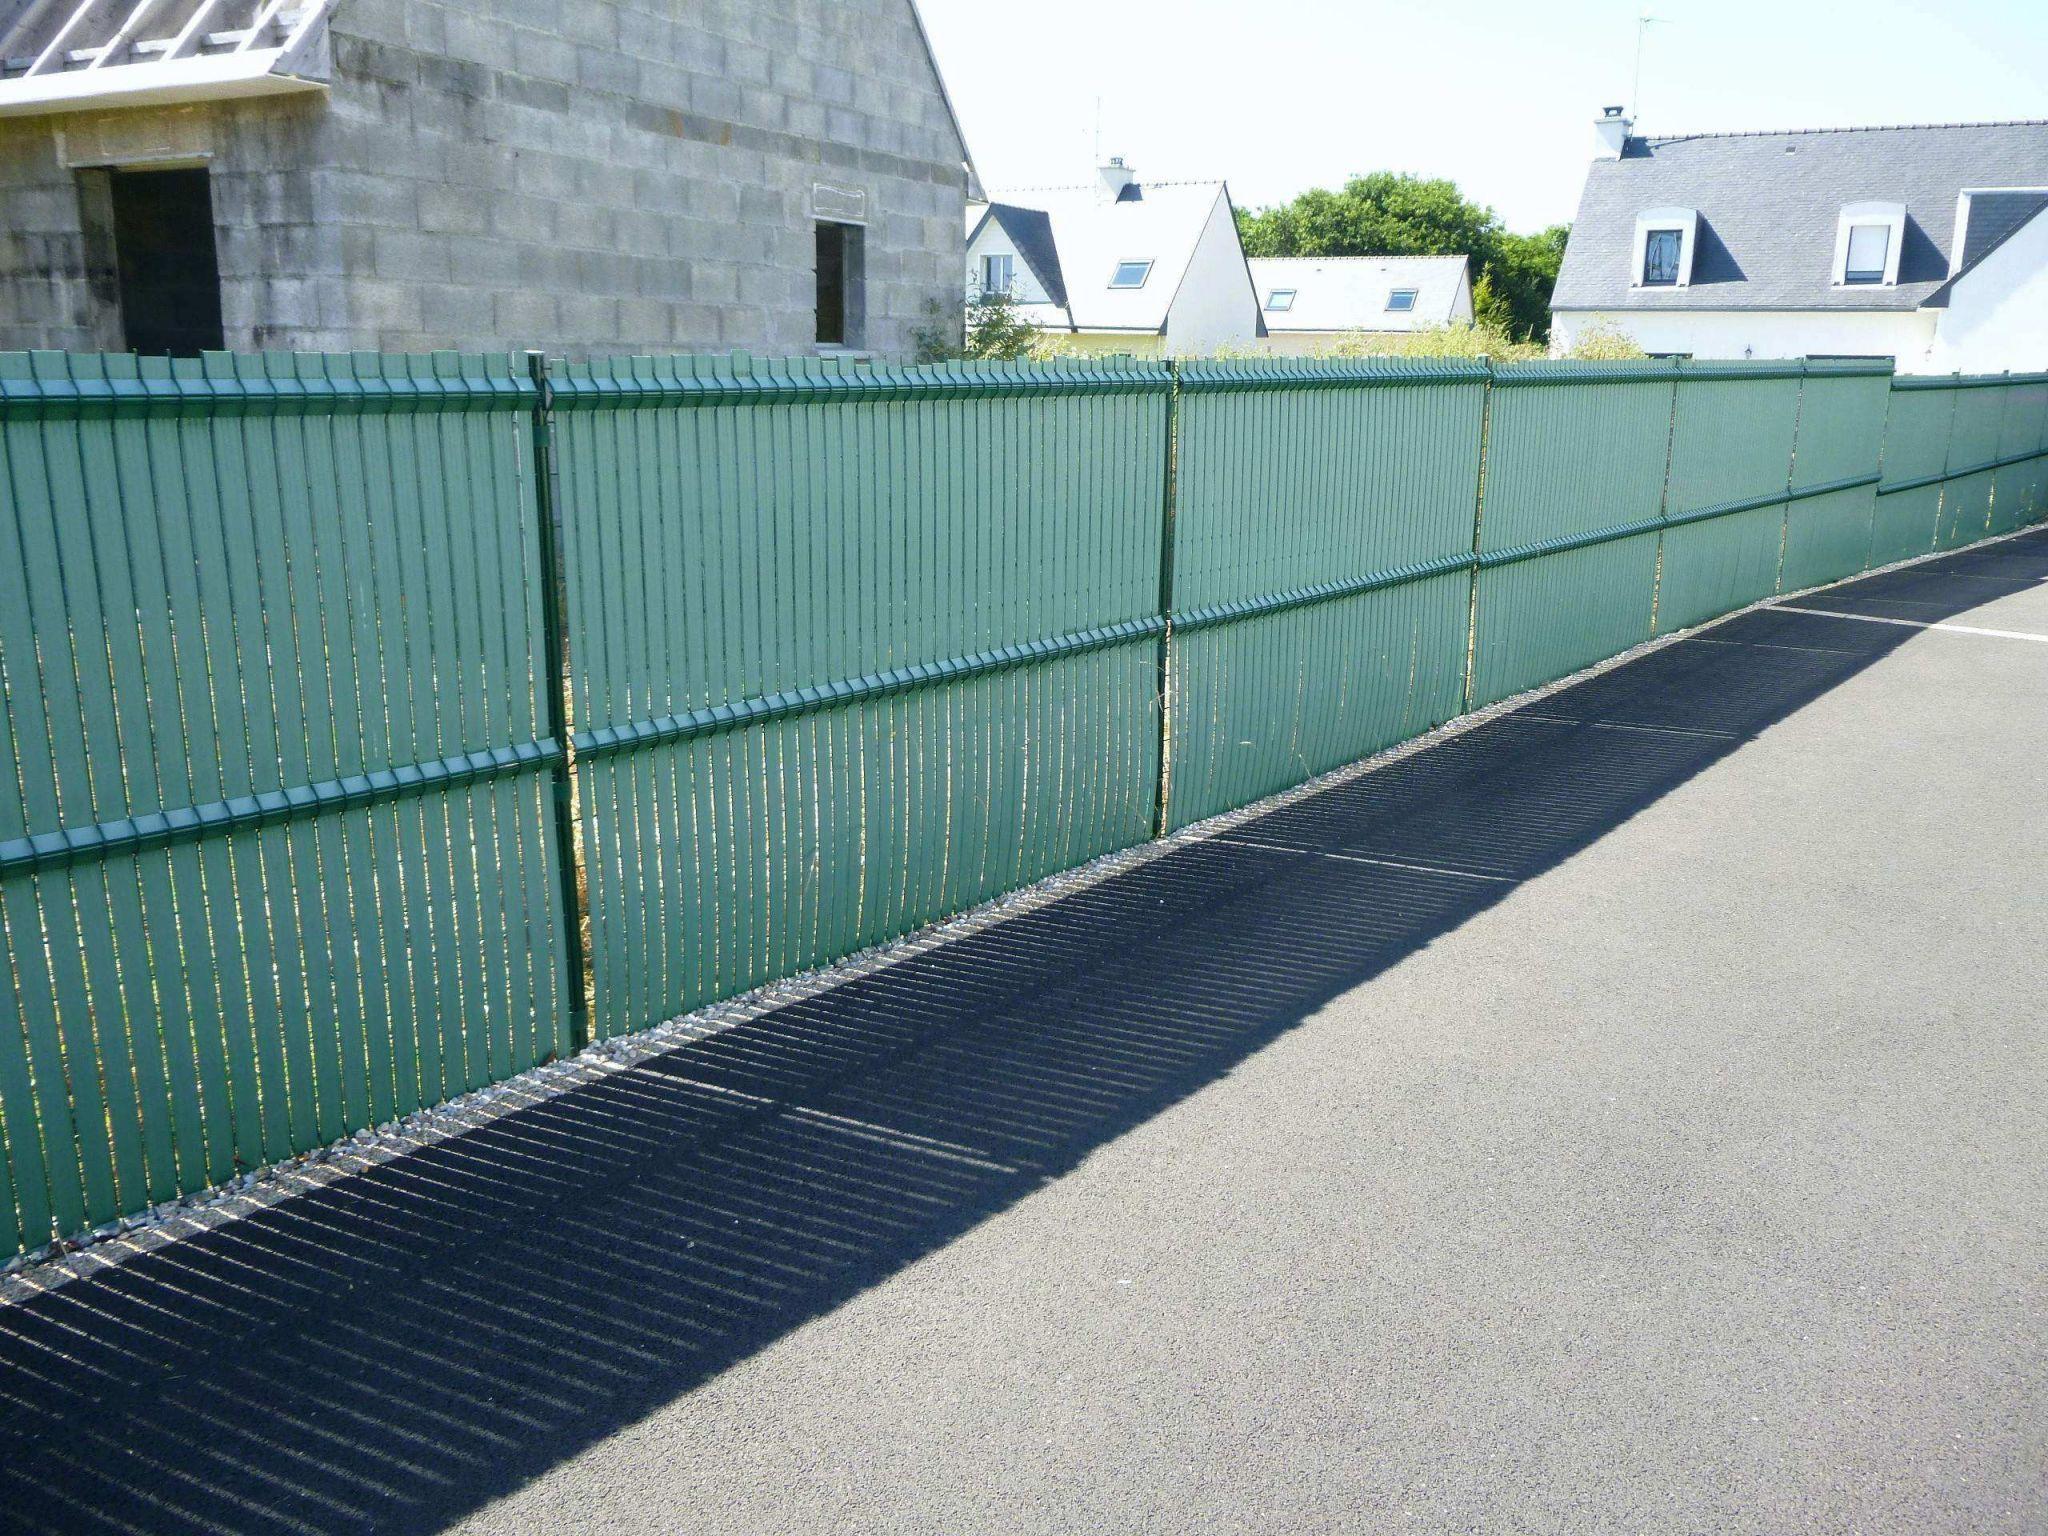 Paillage Jardin Magnifique Fabricant Abri De Jardin | Toile ... concernant Bordure De Jardin Brico Depot